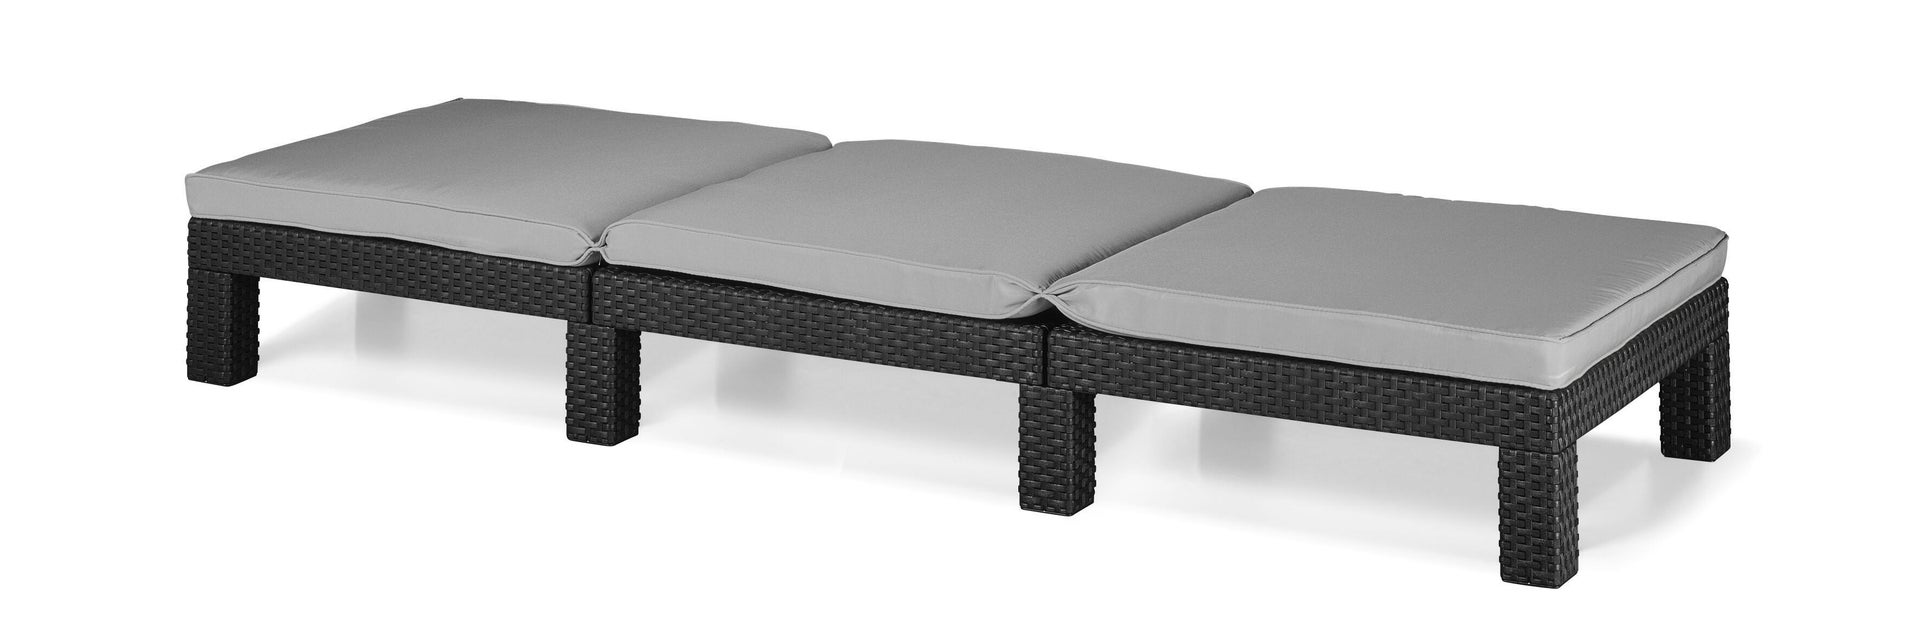 Lettino con cuscino in polipropilene Daytona grigio / argento L 120 x H 80 cm - 8